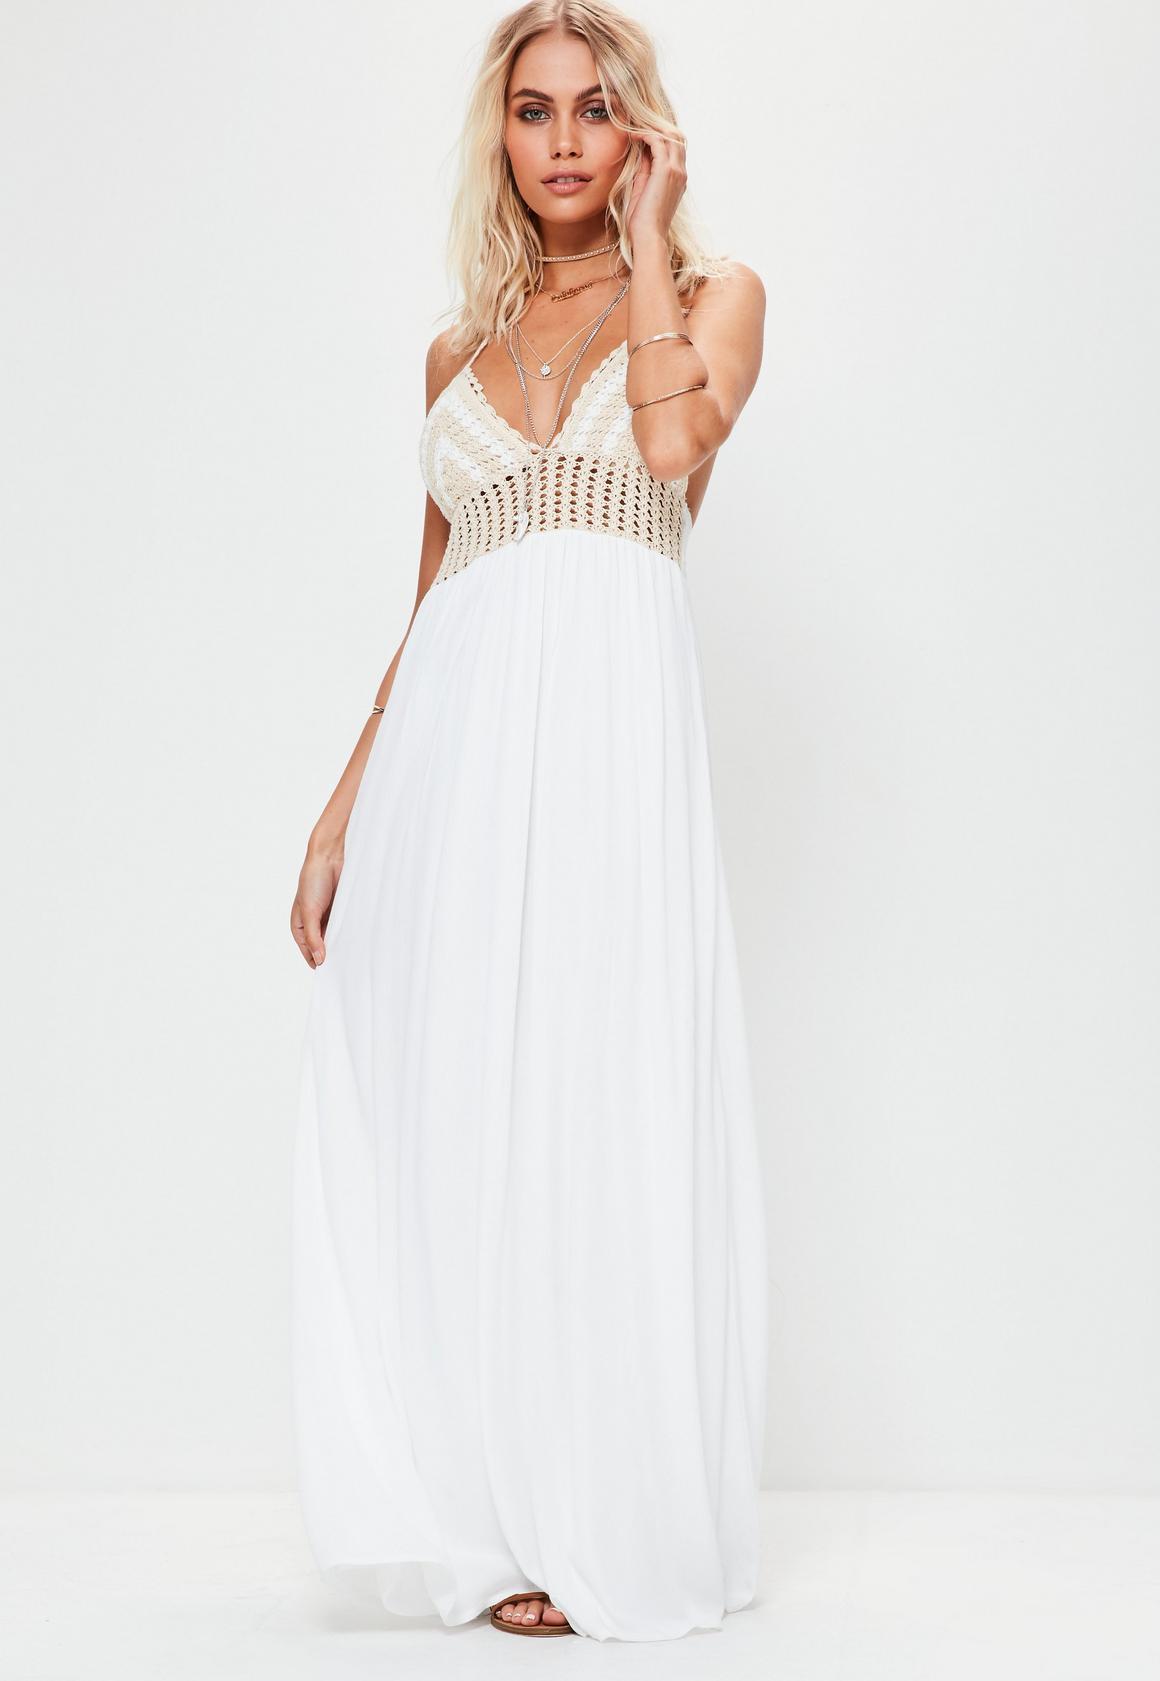 White dress crochet - Previous Next